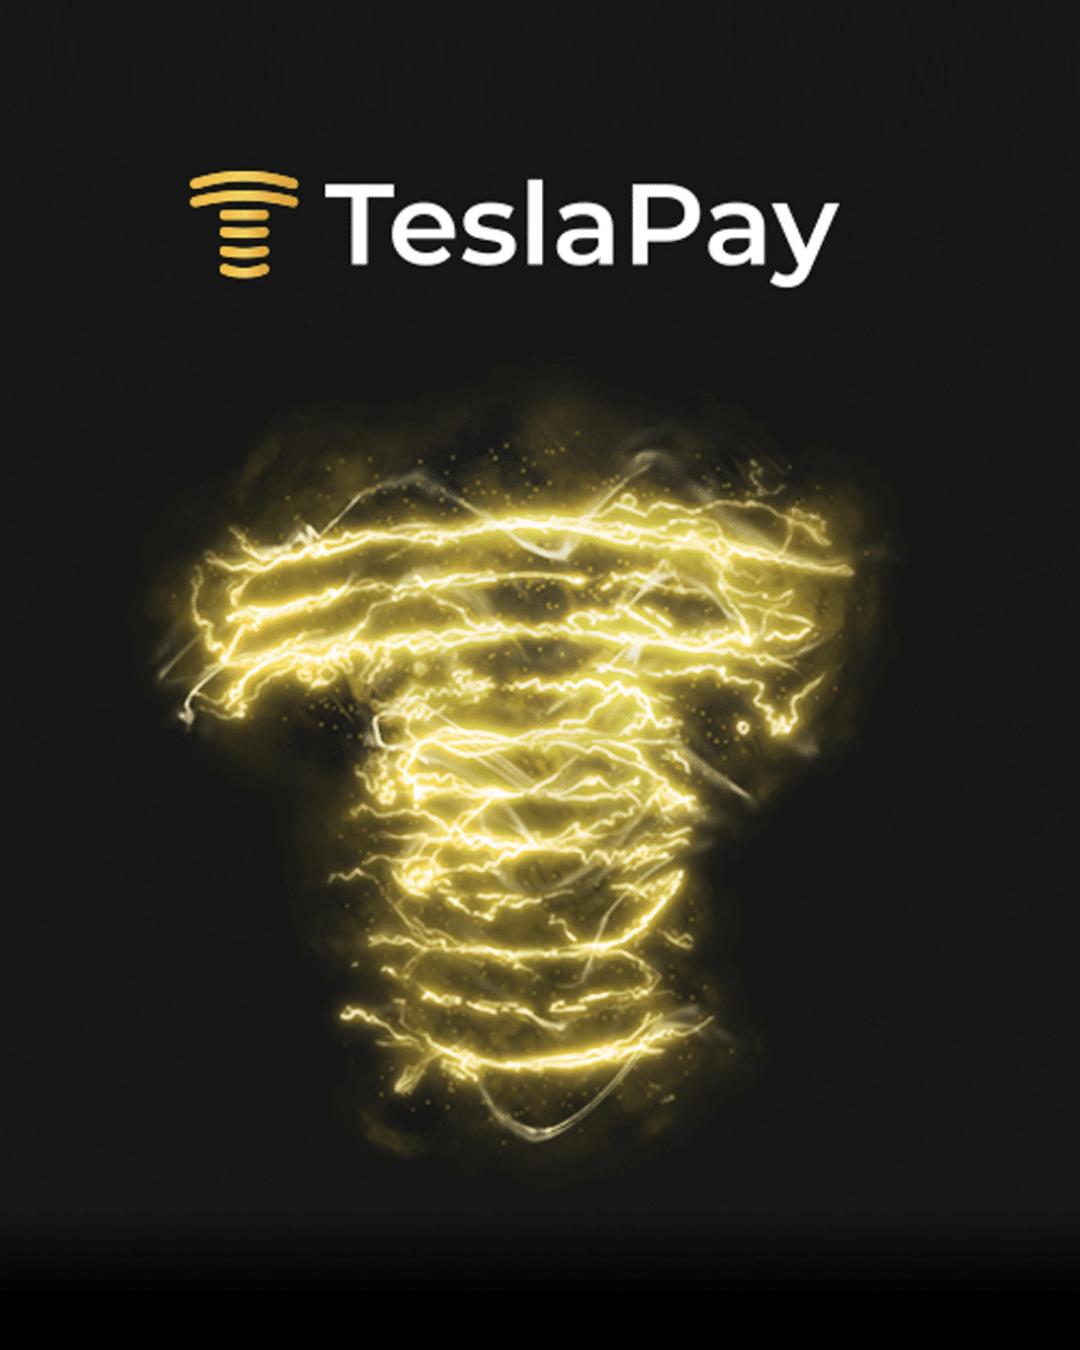 TeslaPay